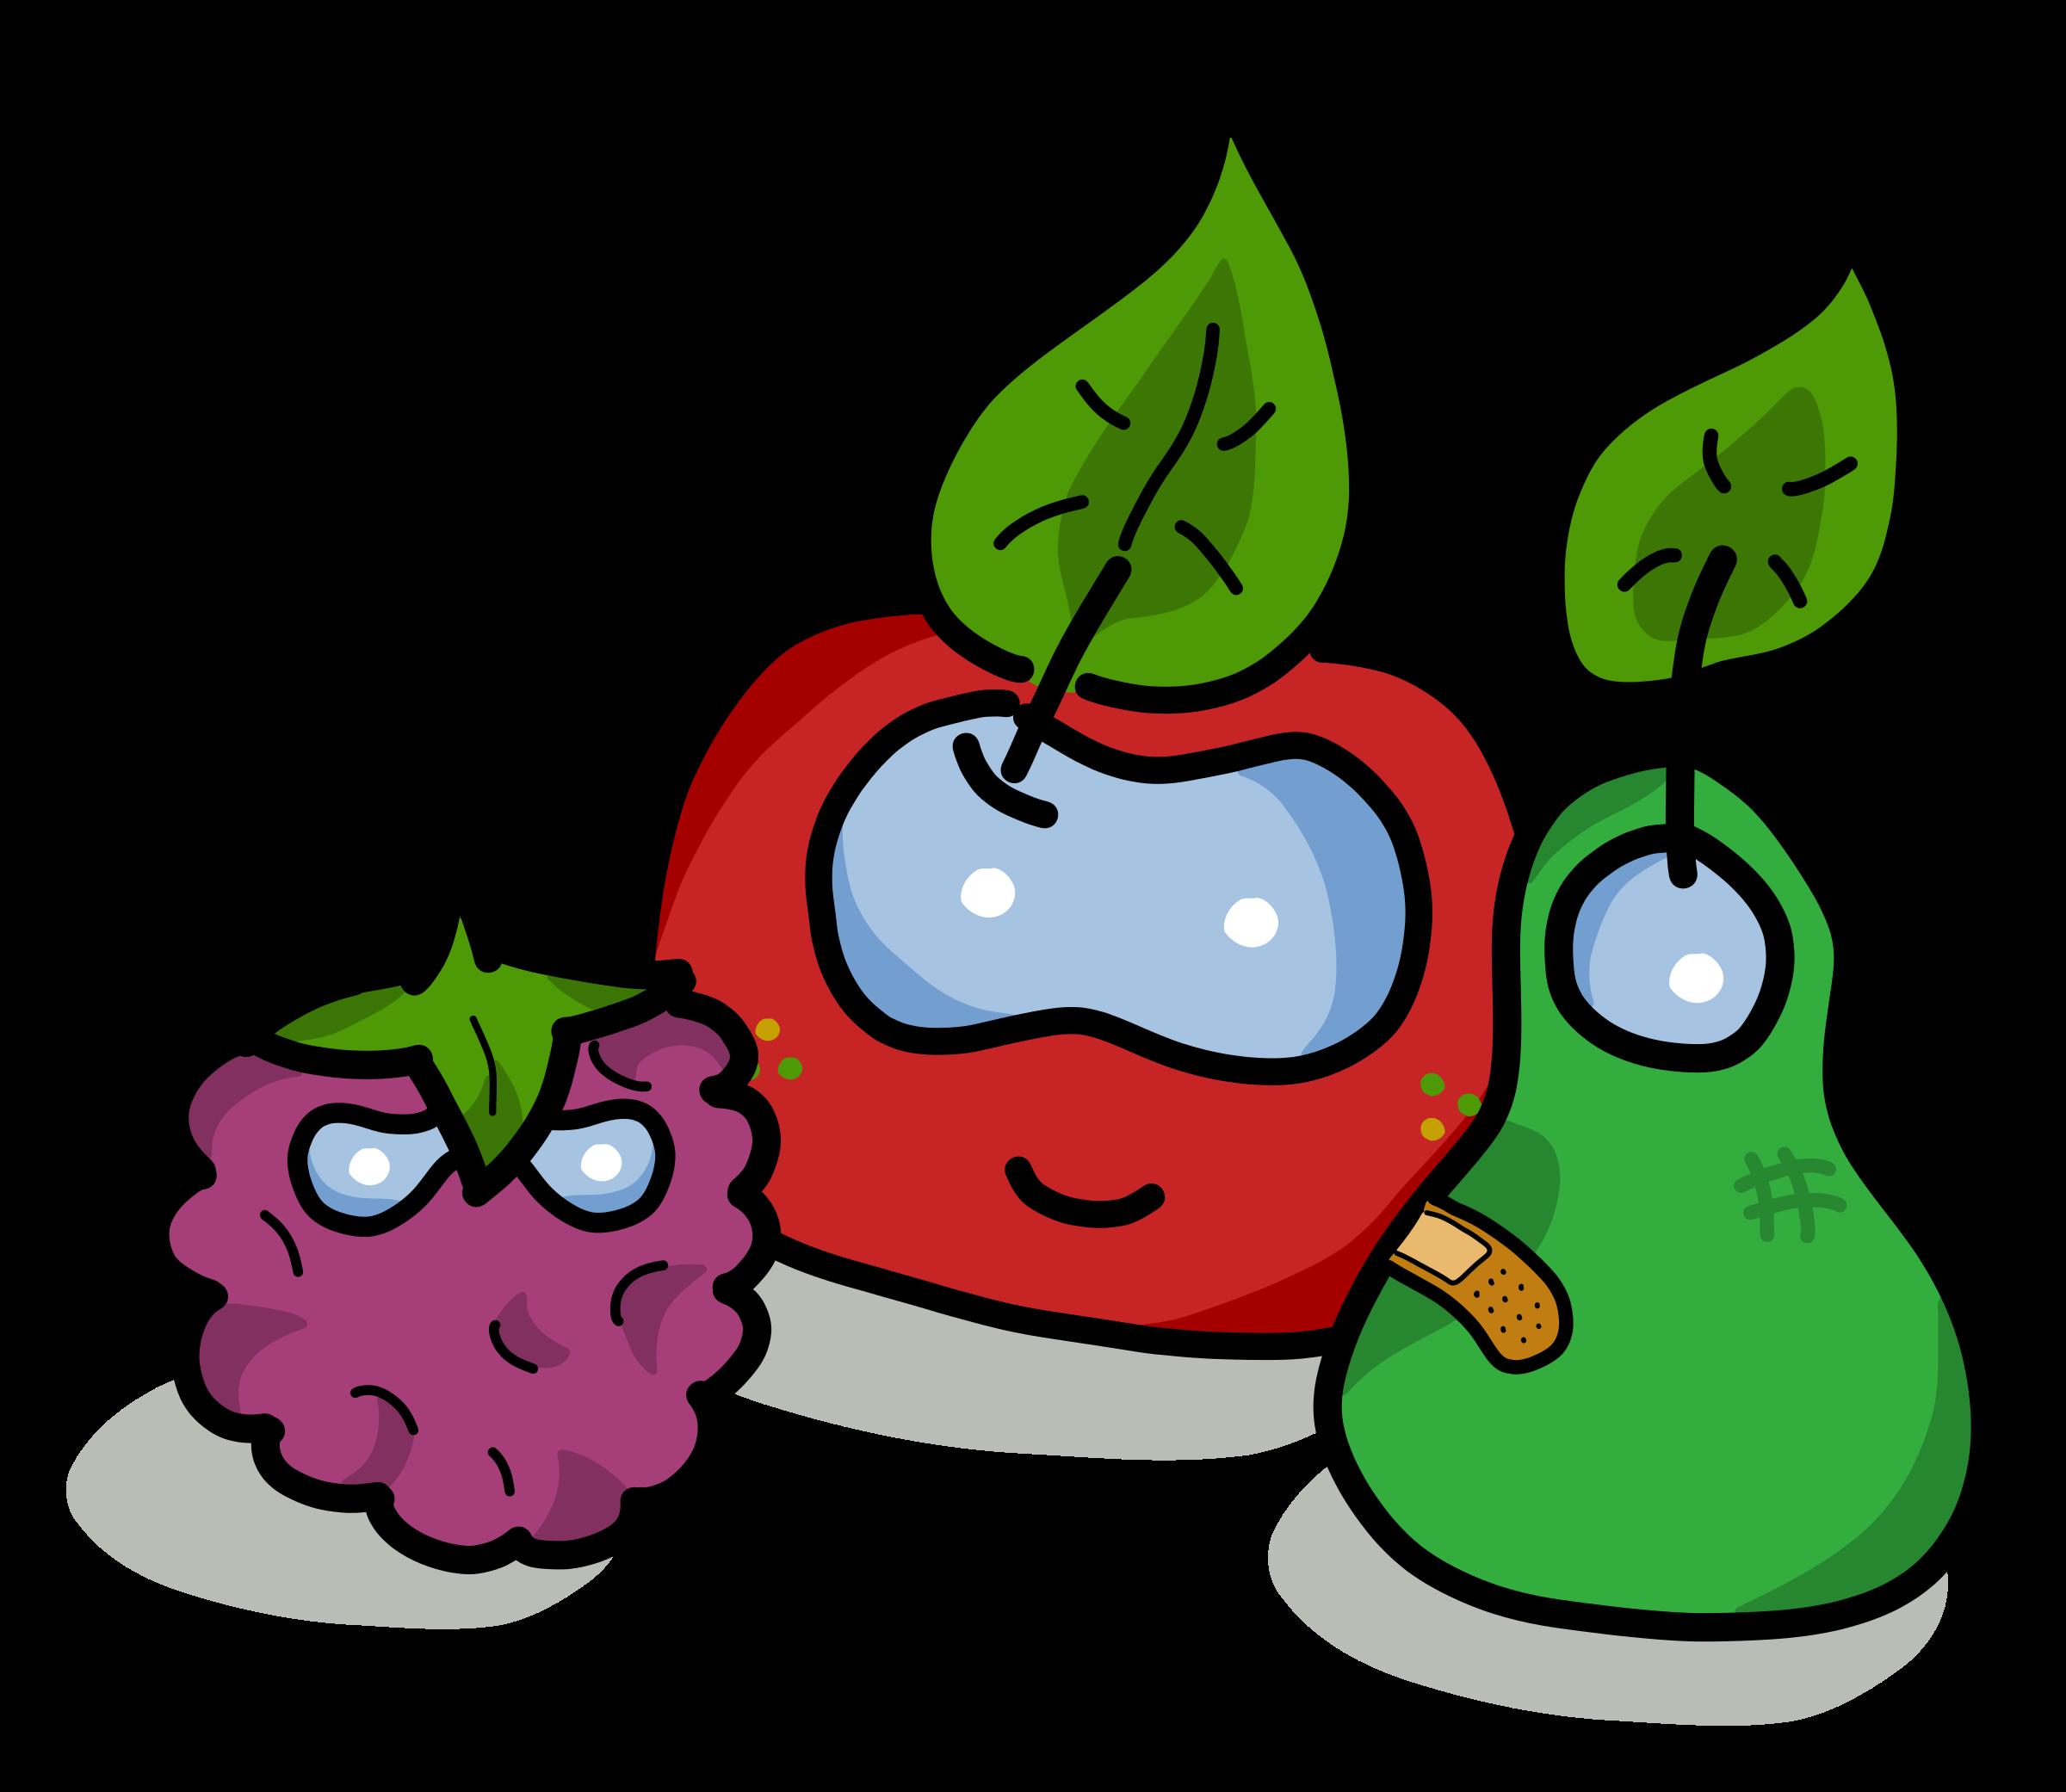 Pear clipart poire. Super fruits big image